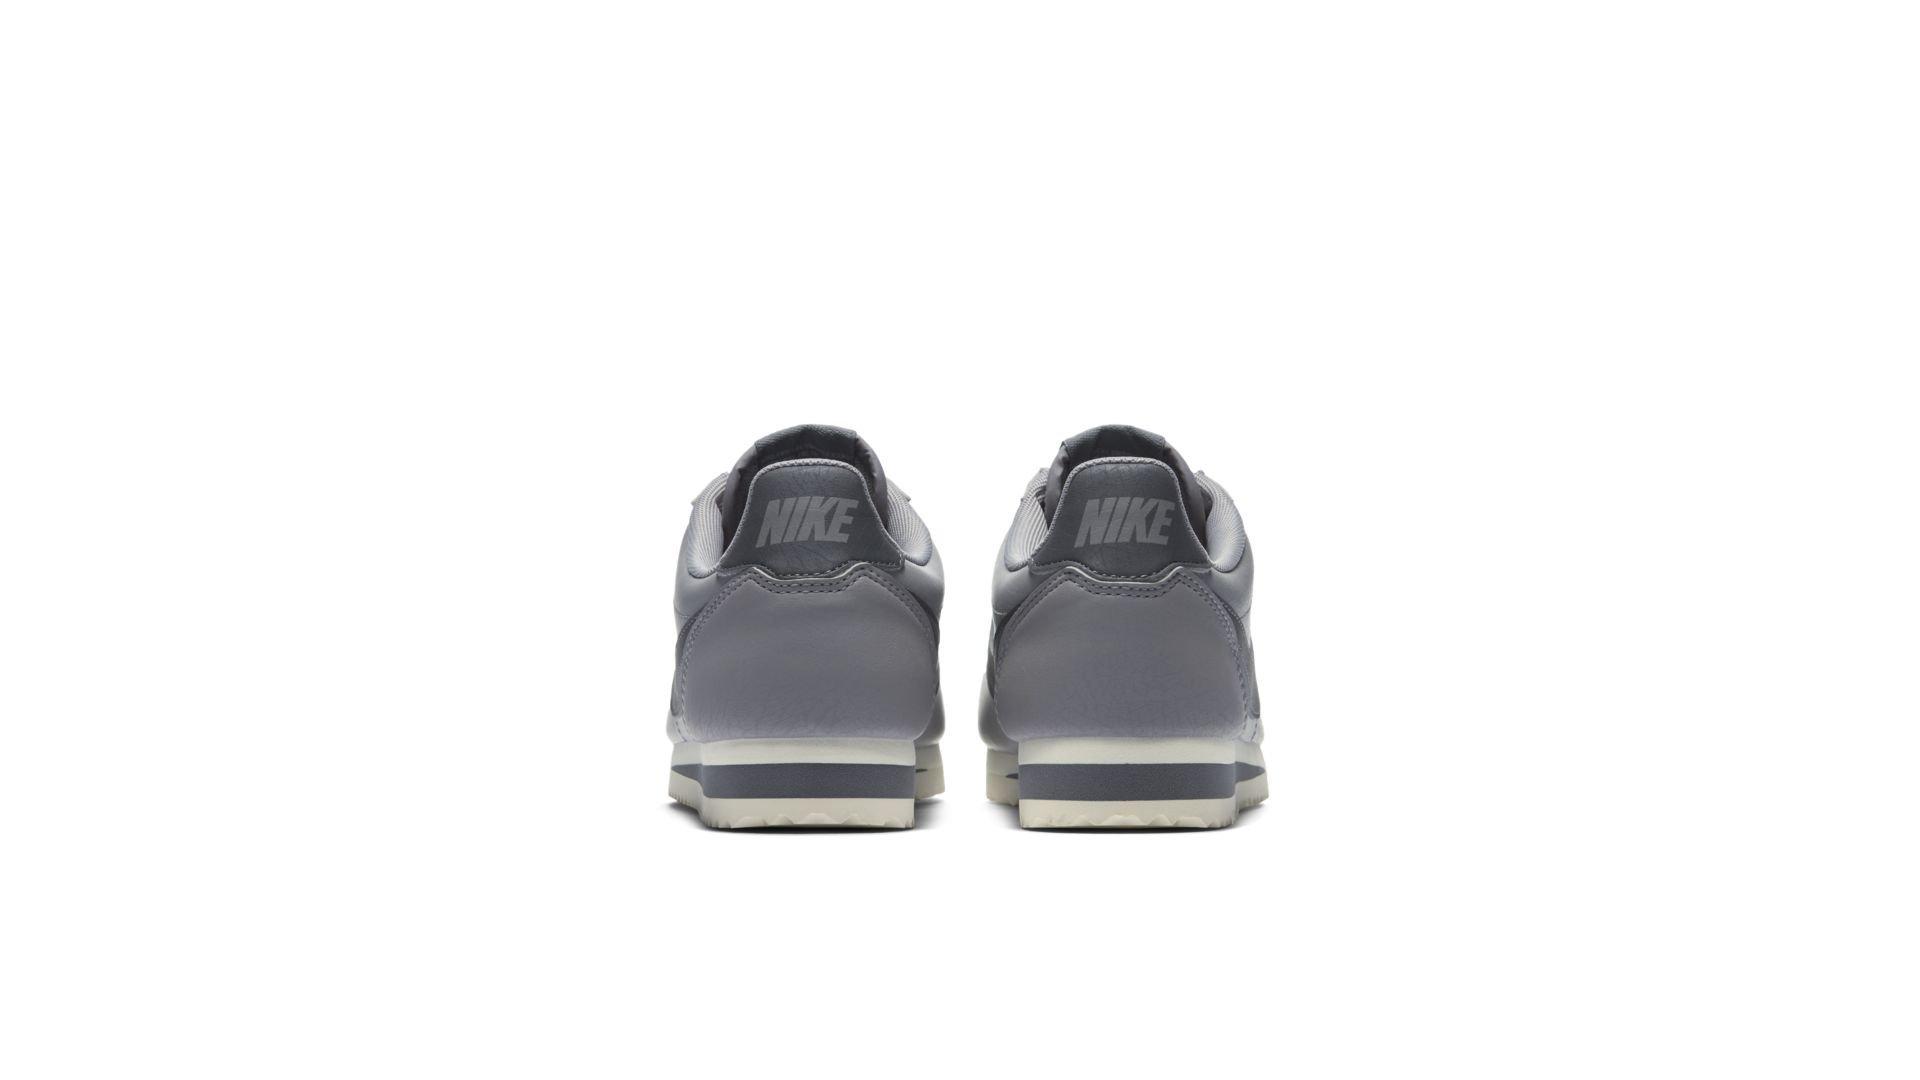 Nike Classic Cortez Leather Atmosphere Grey (W) (807471-017)